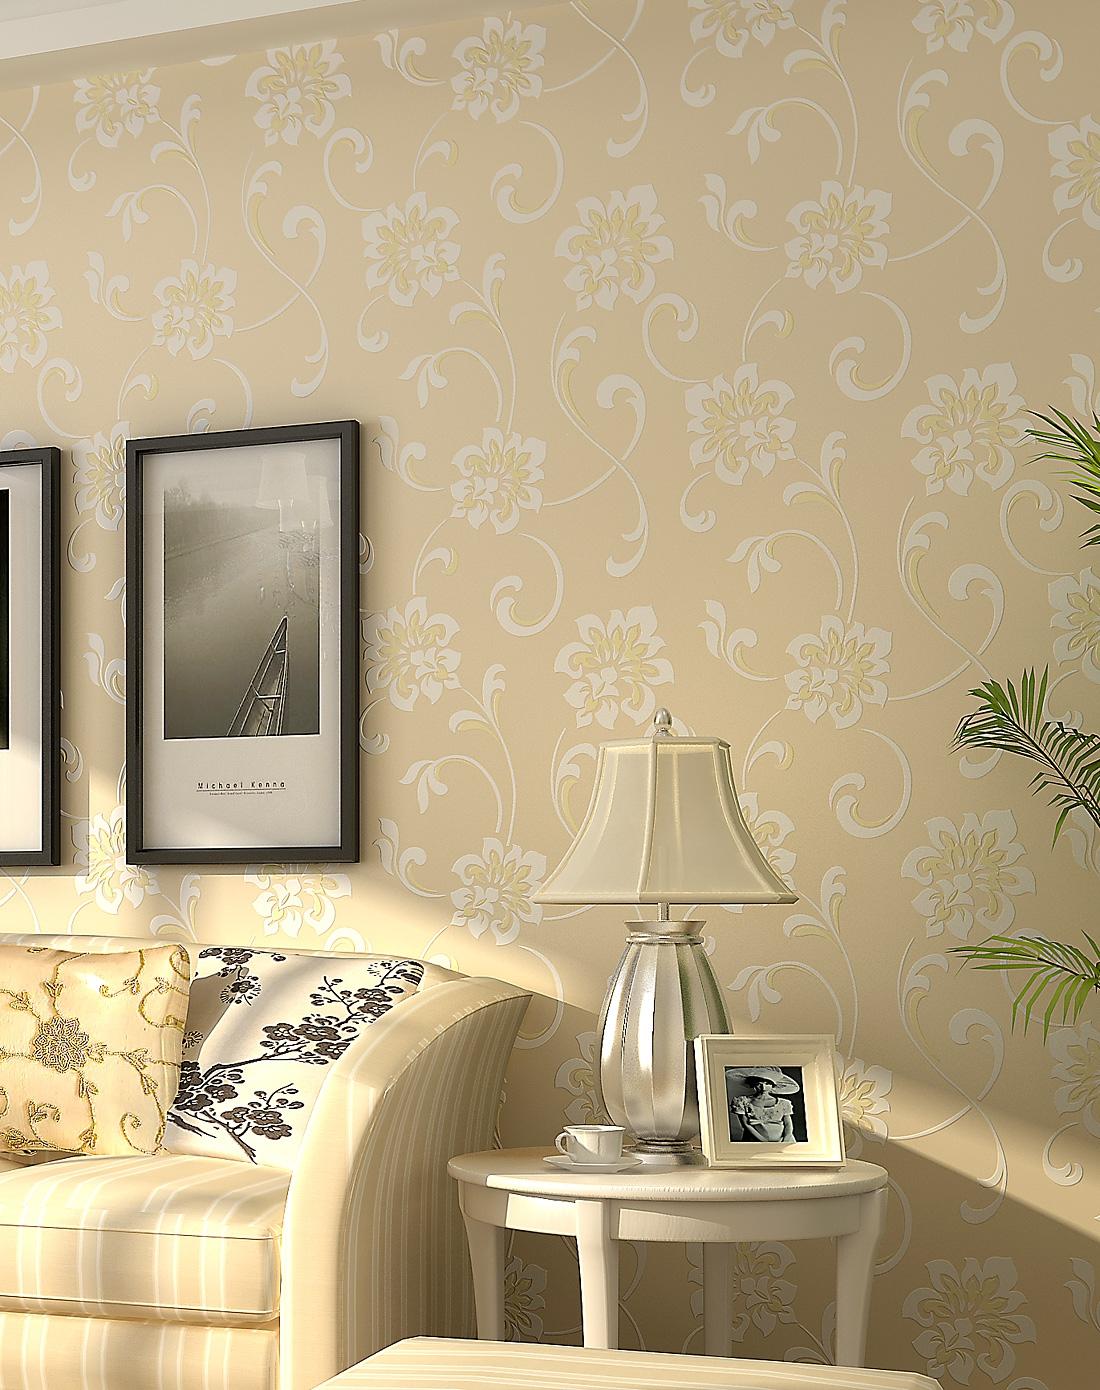 纸尚美学墙纸专场欧式简约3d立体圆网客厅卧室壁纸b